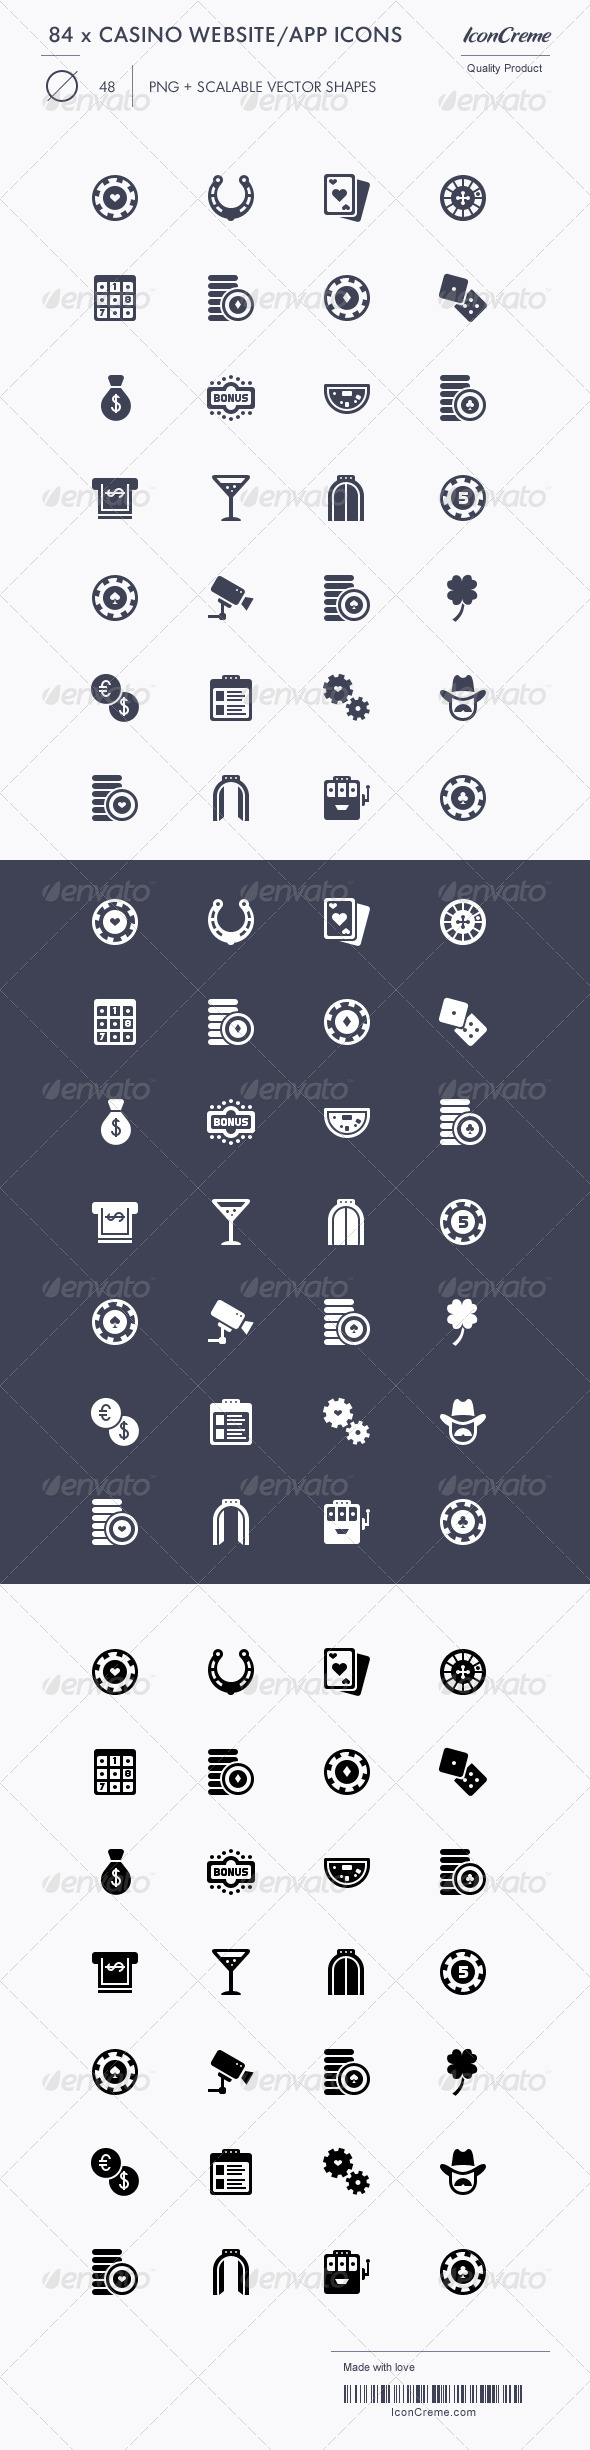 GraphicRiver 84 Casino Website App Icons 1992068